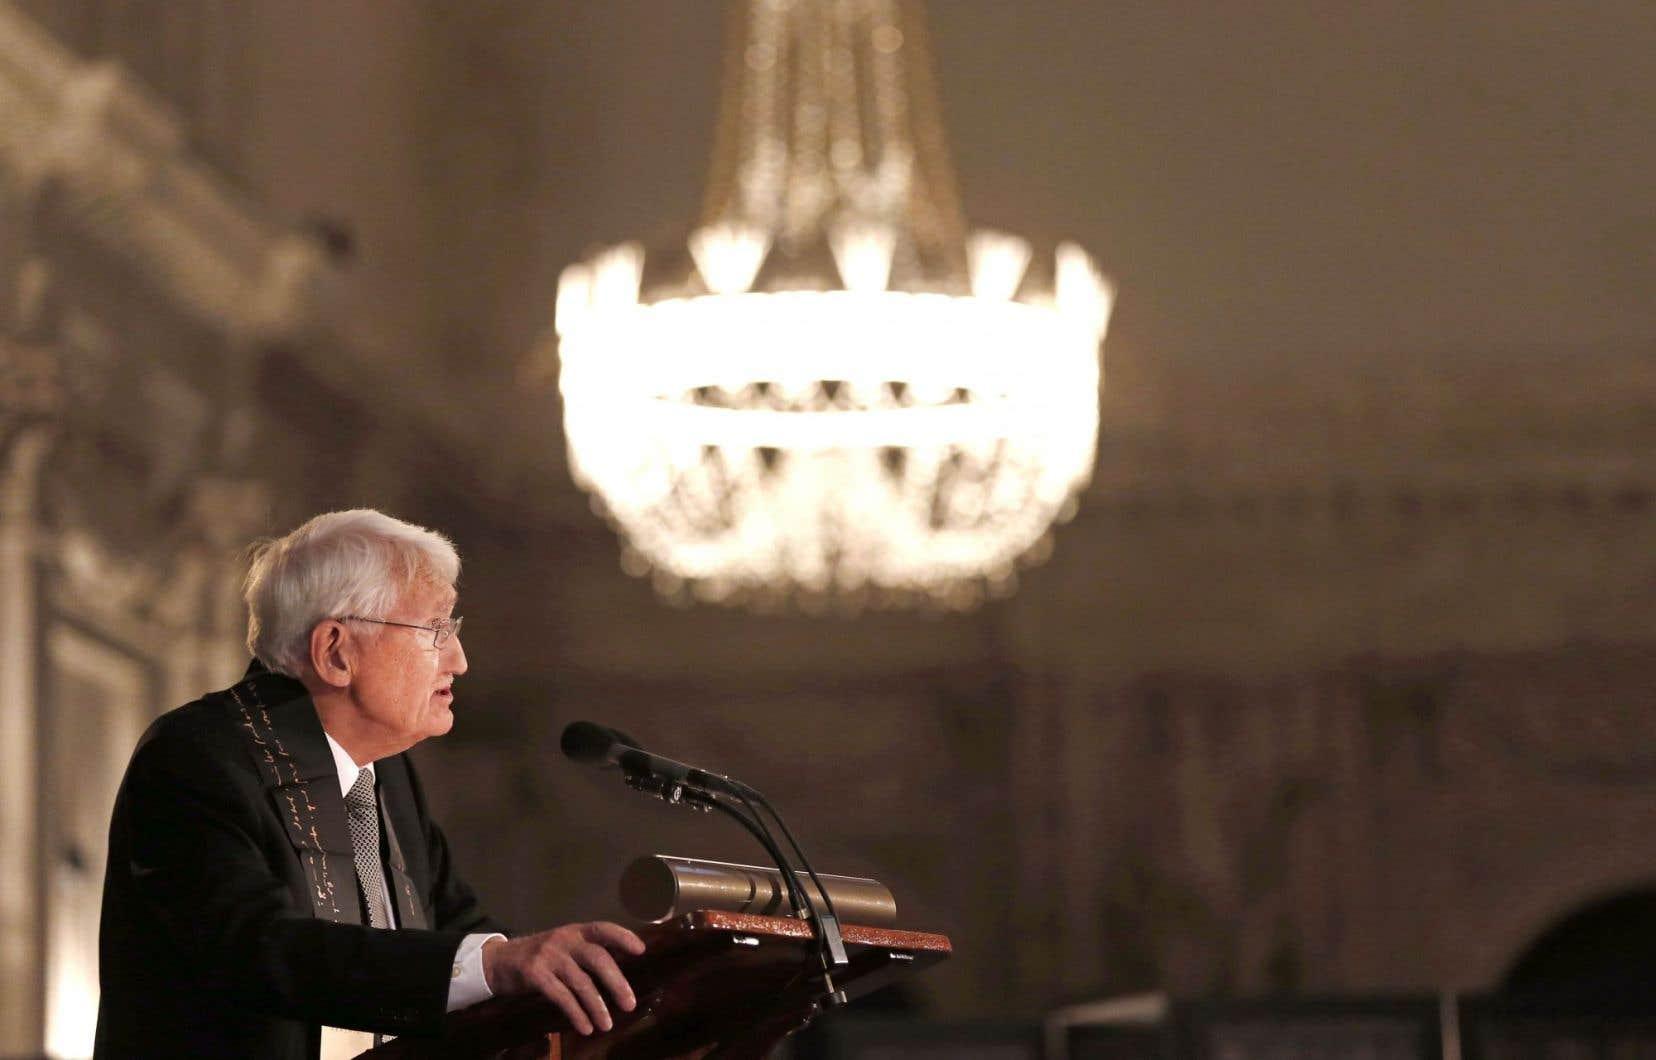 Jürgen Habermas s'intéresse depuis au moins trente ans au débat constitutionnel qui anime la République fédérale allemande. Il s'est aussi penché sur le rapport complexe à la Constitution dans le contexte politique américain.